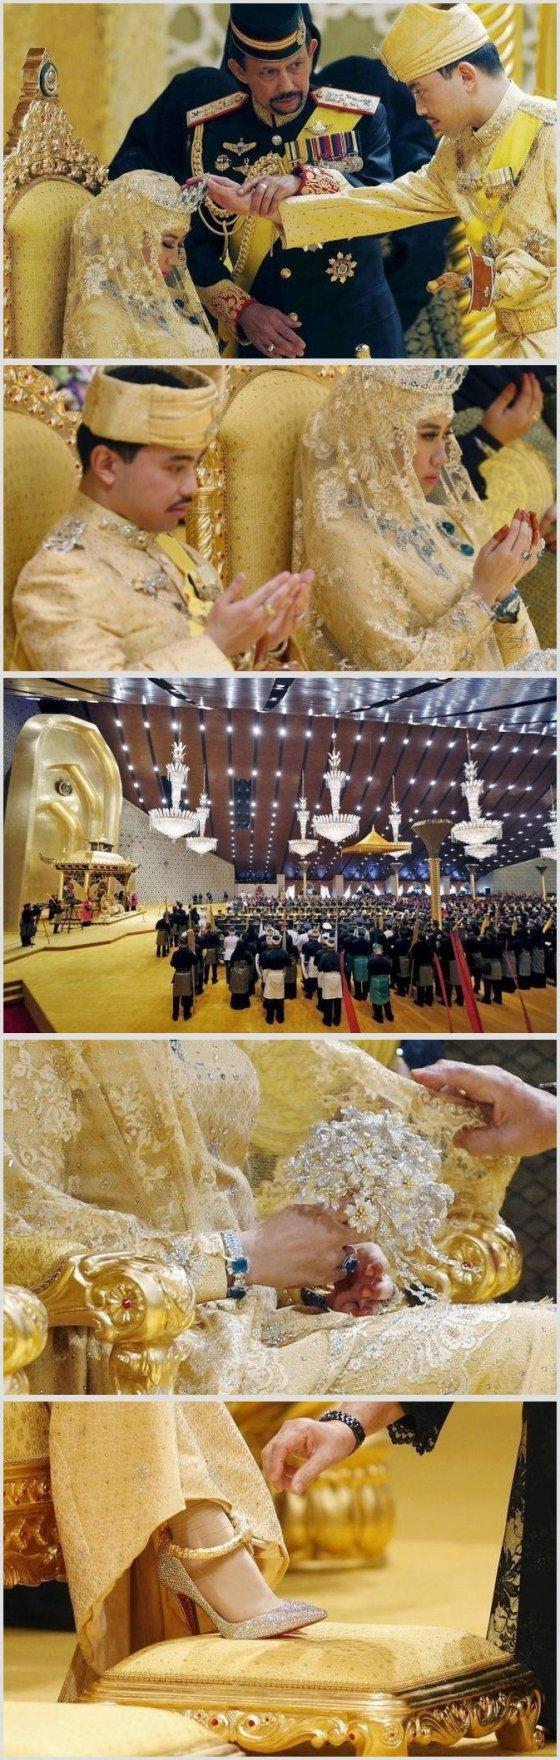 წლის ქორწილი რომელმაც, მსოფლიო აალაპარაკა